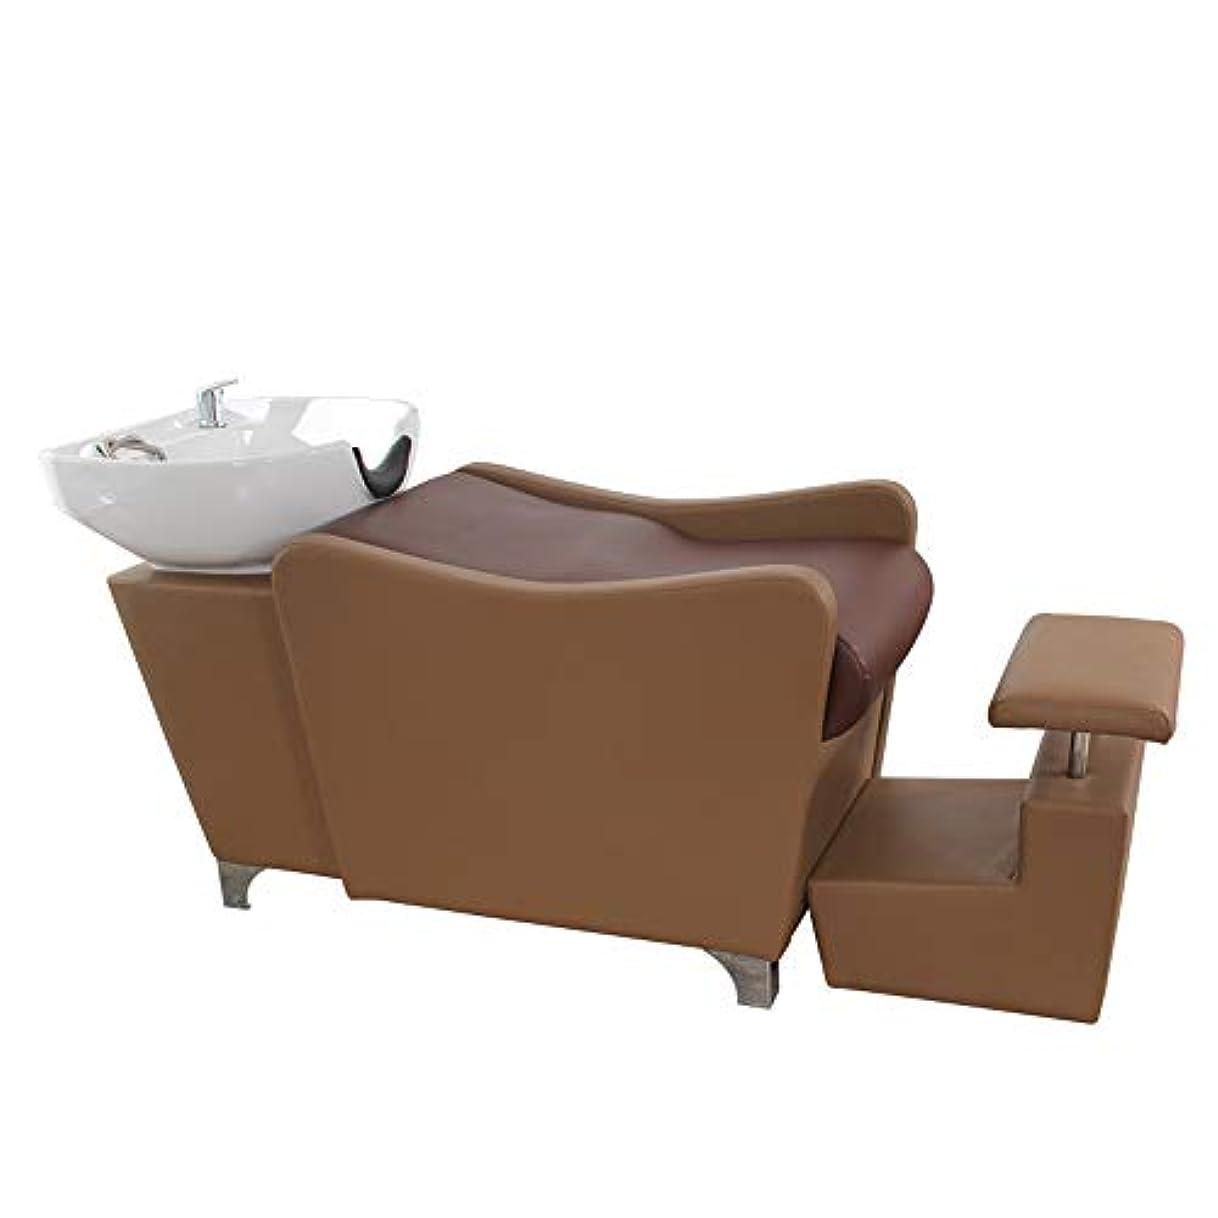 私ホストレバーシャンプーチェア、理髪店の逆洗ユニットシャンプーボウル理髪シンクの椅子用スパ美容院機器(ブラウン)